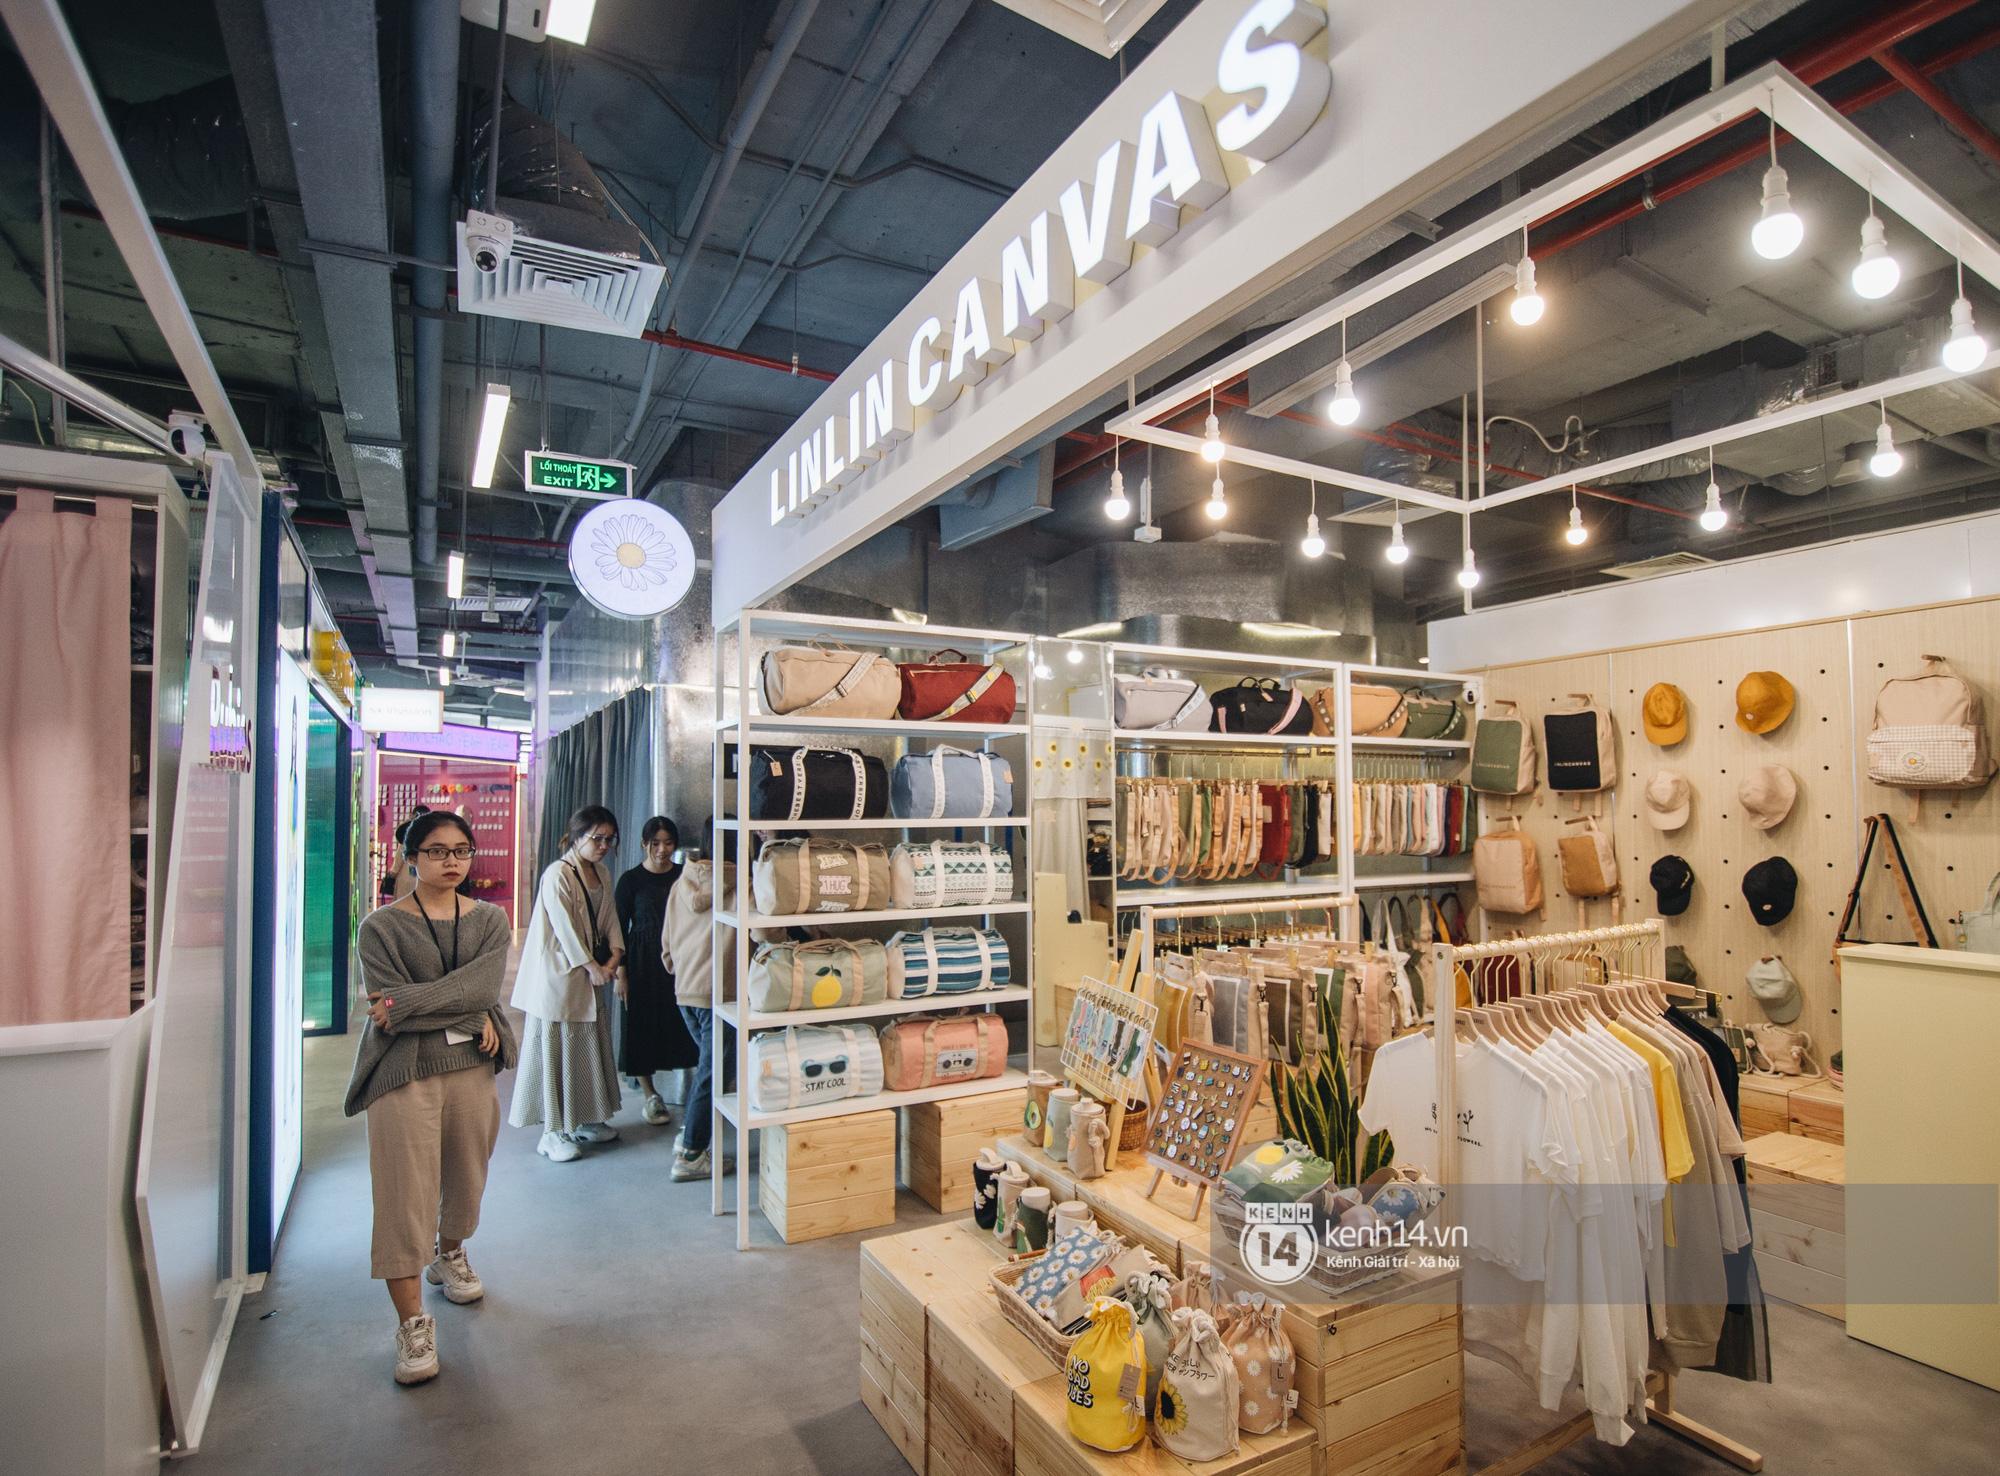 The New Playground: từ khu mua sắm dưới lòng đất ở Sài Gòn đến tổ hợp shopping trên cao cực trất dành cho giới trẻ Hà Nội - Ảnh 3.